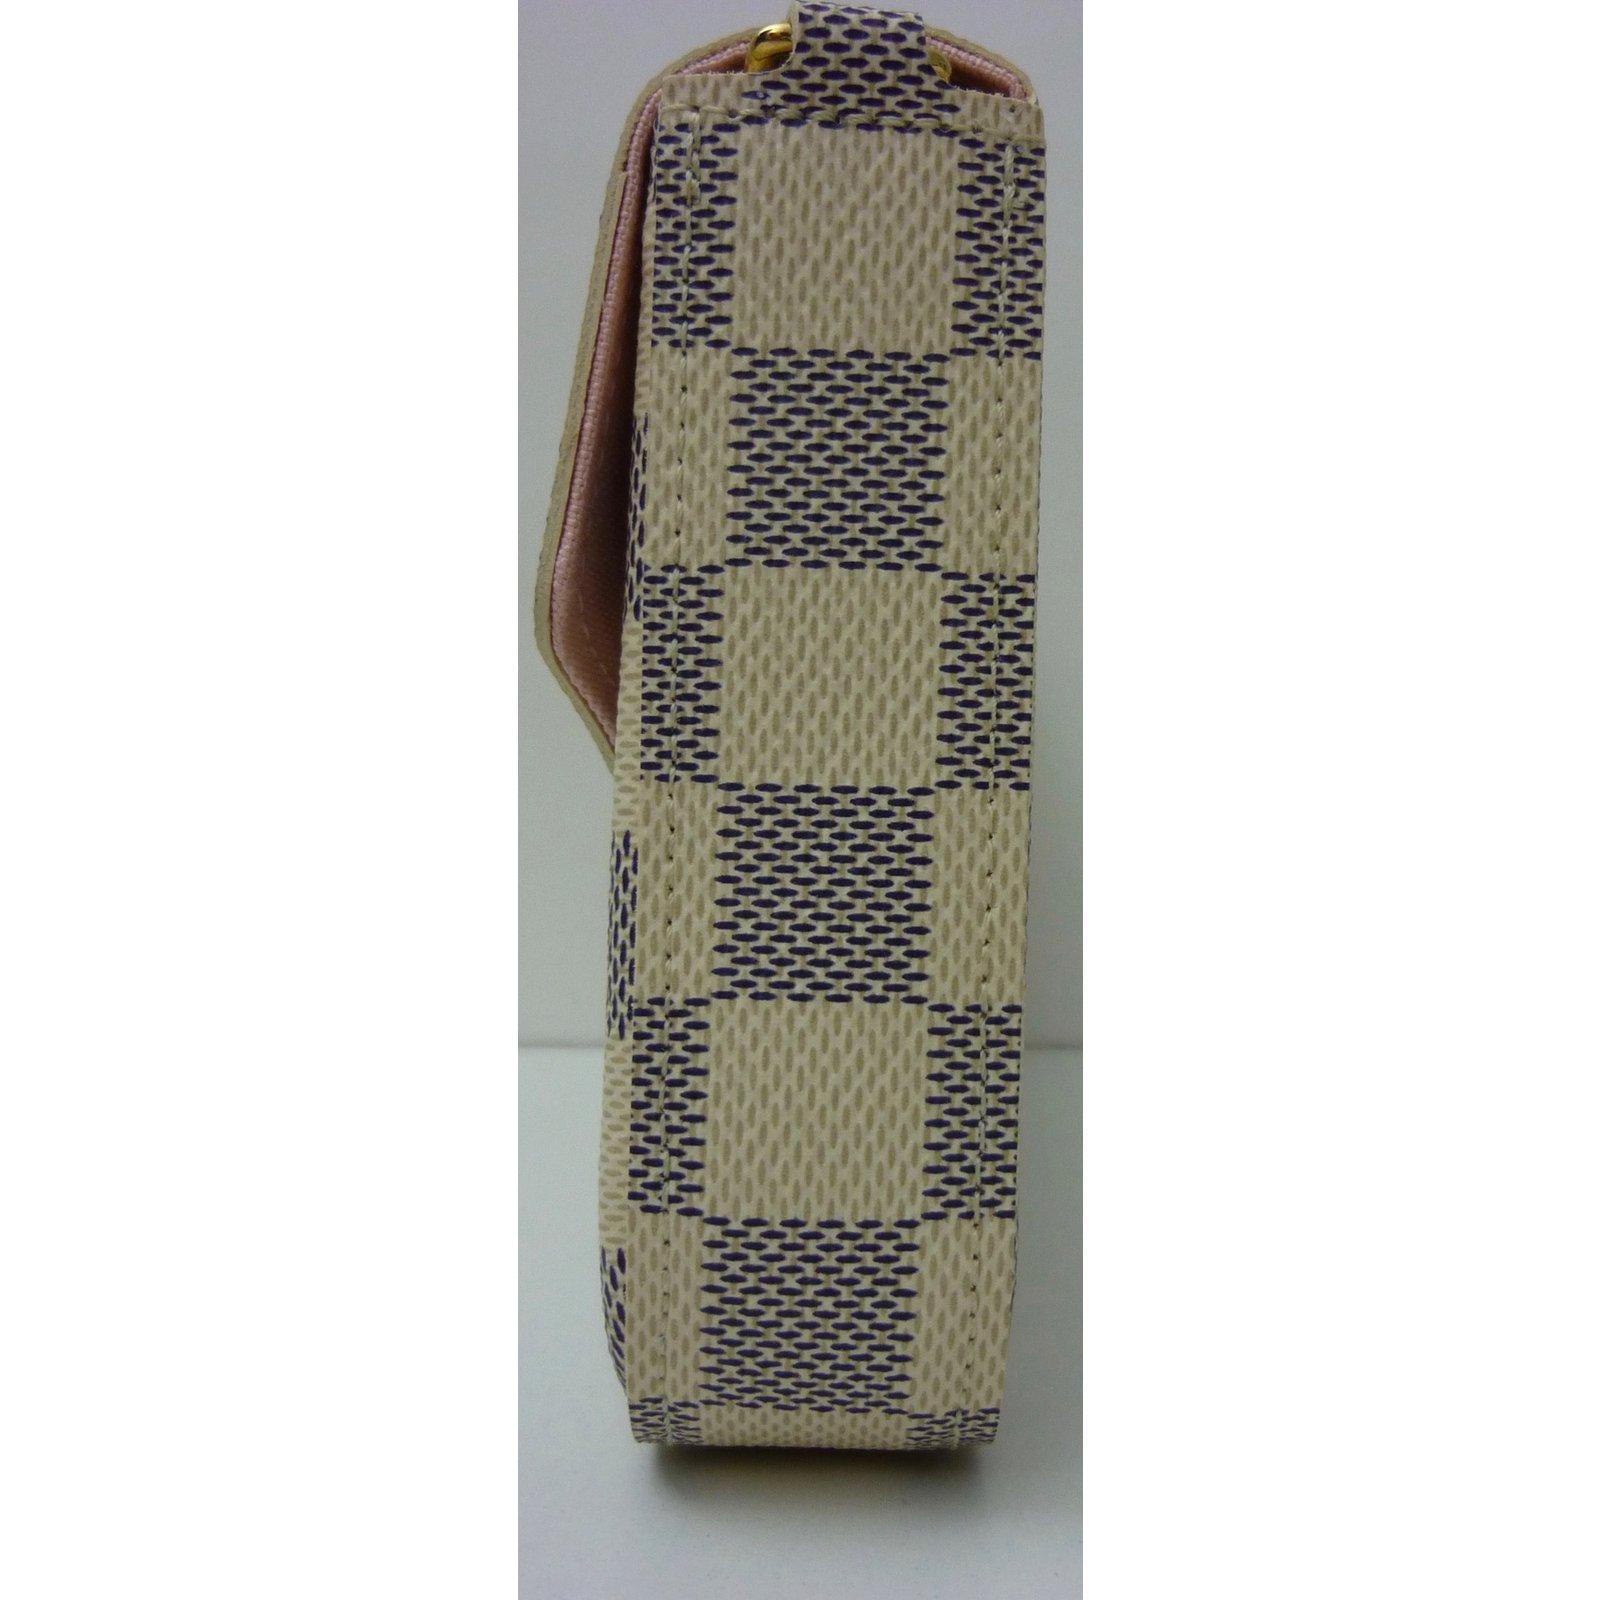 4c3cb7ff6539 Sacs à main Louis Vuitton Sac Pochette Louis Vuitton Félicie à damier azur  état neuf ! Cuir,Toile Beige ref.59081 - Joli Closet